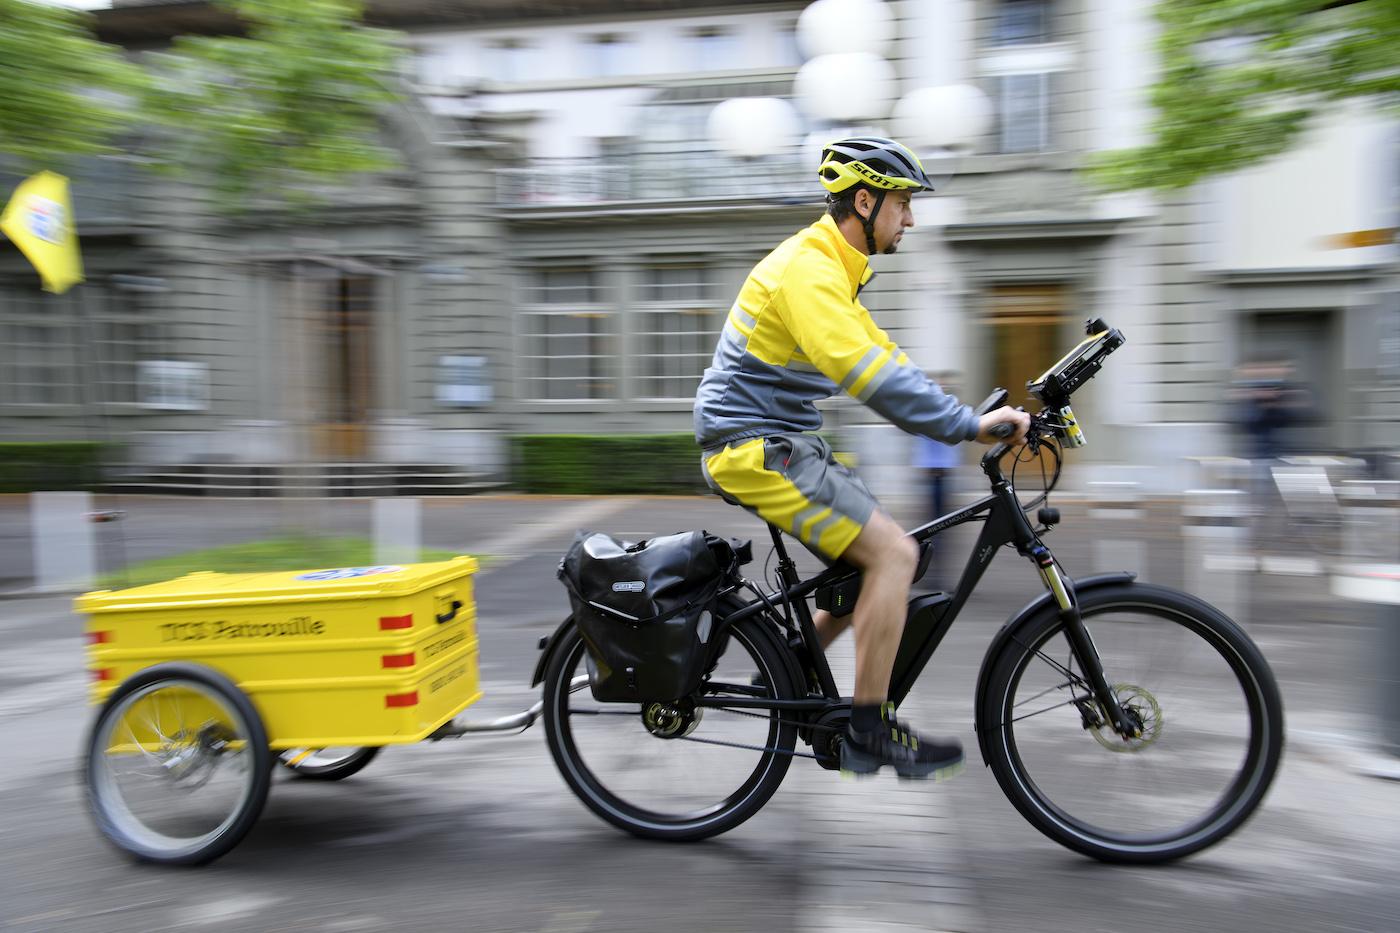 Sogar die Pannenhilfe kommt mit dem E-Bike: Ein Pilotversuch in Zürich und Genf hat letztes Jahr gezeigt, dass die TCS-Helfer mit dem Strom-Velo schneller ankommen als mit dem Auto. (Keystone)